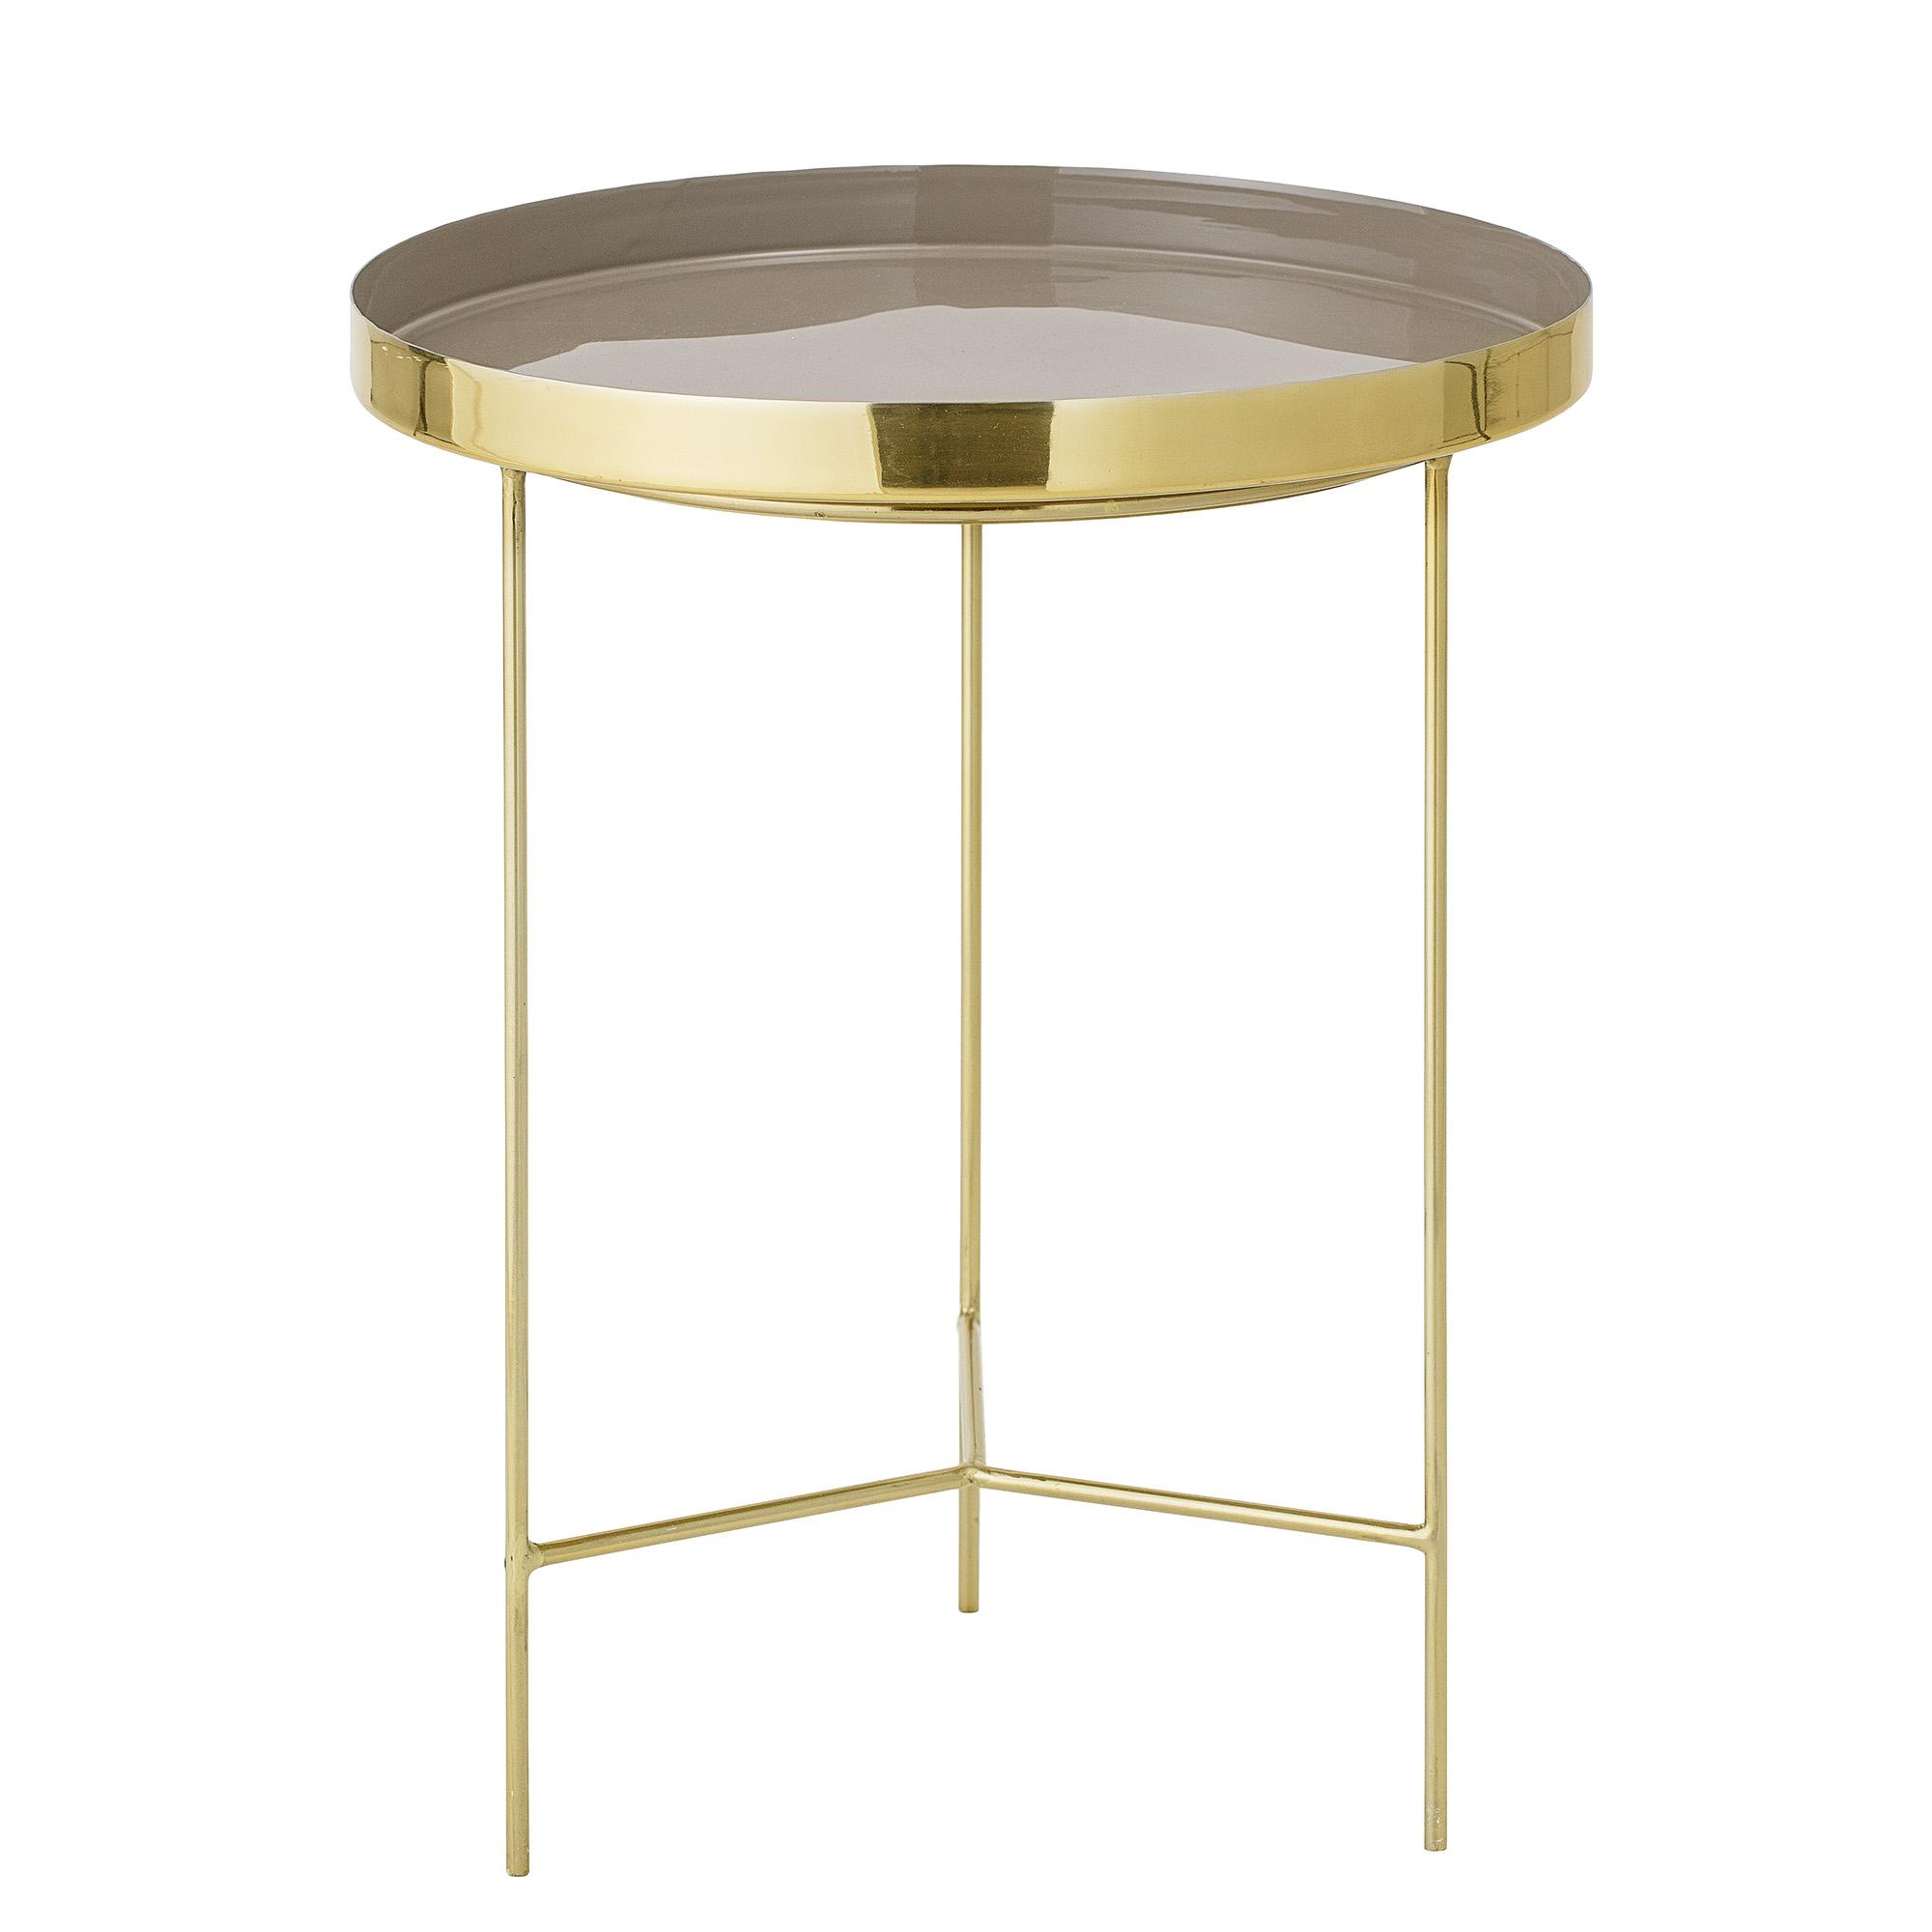 BLOOMINGVILLE Sola bakkebord - brun/guld aluminium/stål, rund (Ø40)